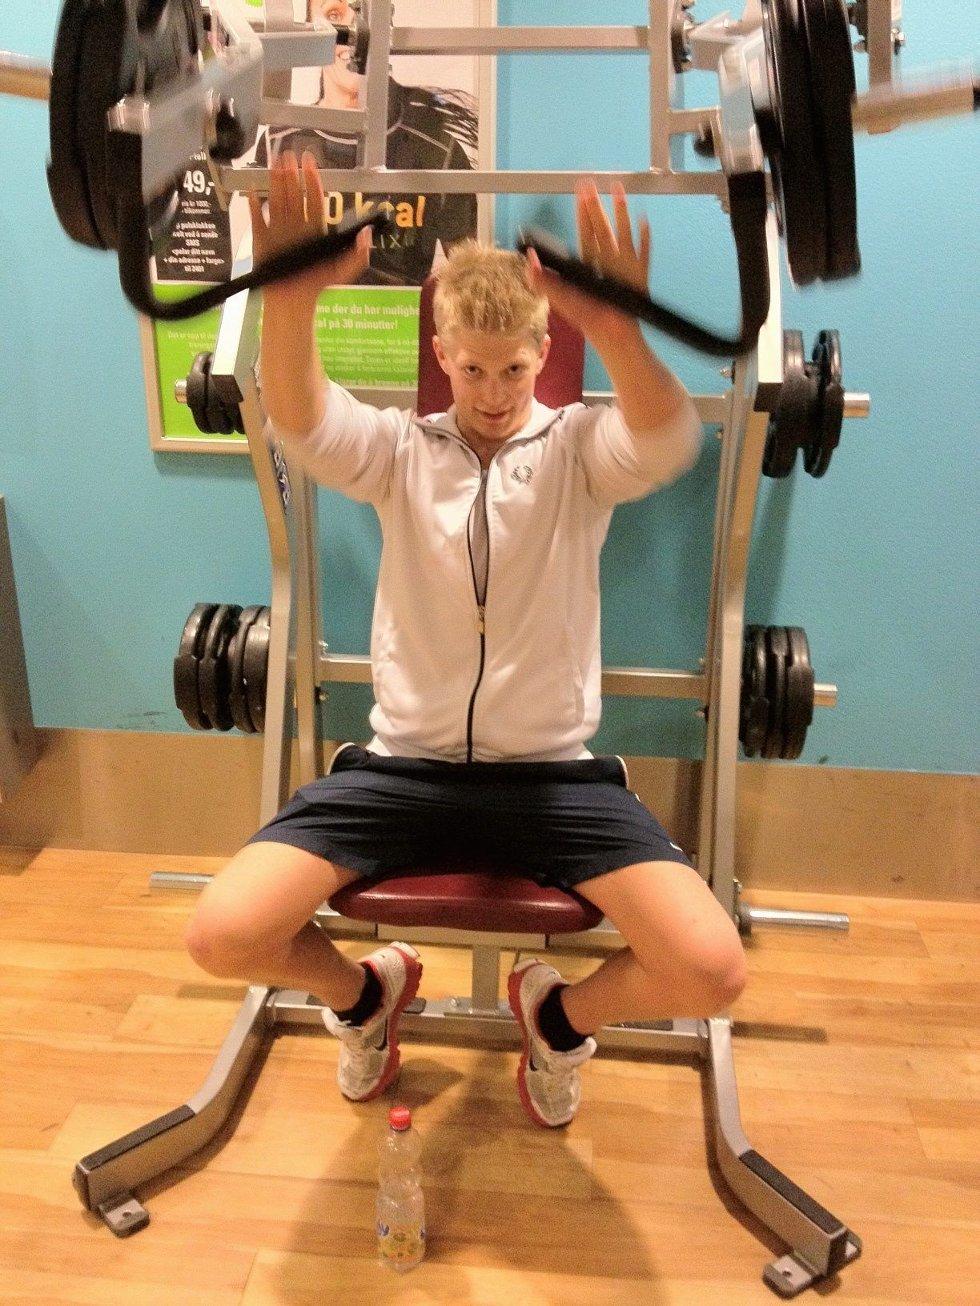 Vil bli sterk uten doping: Dennis Larsen Grüner vil trene seg opp på naturlig måte. Han mener bruk av anabole steroider burde forbys. Foto: Truls Naas